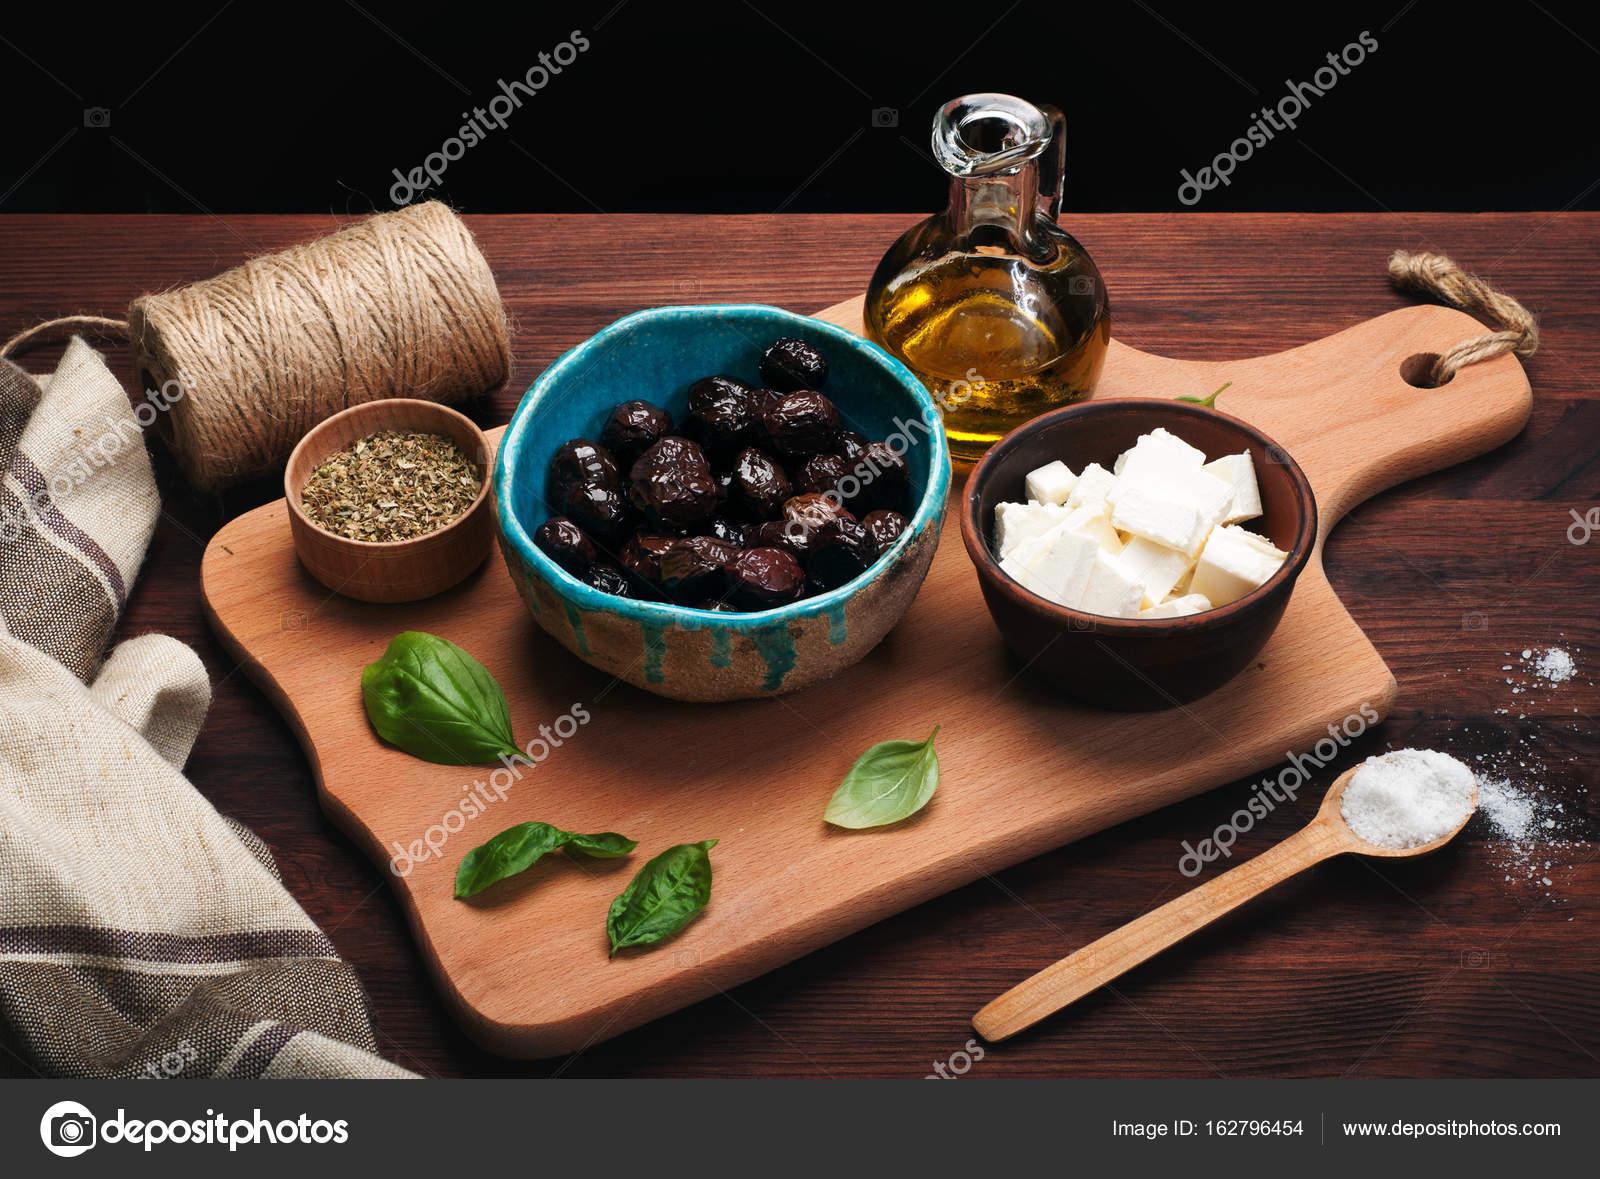 Produkty Kuchni śródziemnomorskiej Suszone Oliwki W Misce